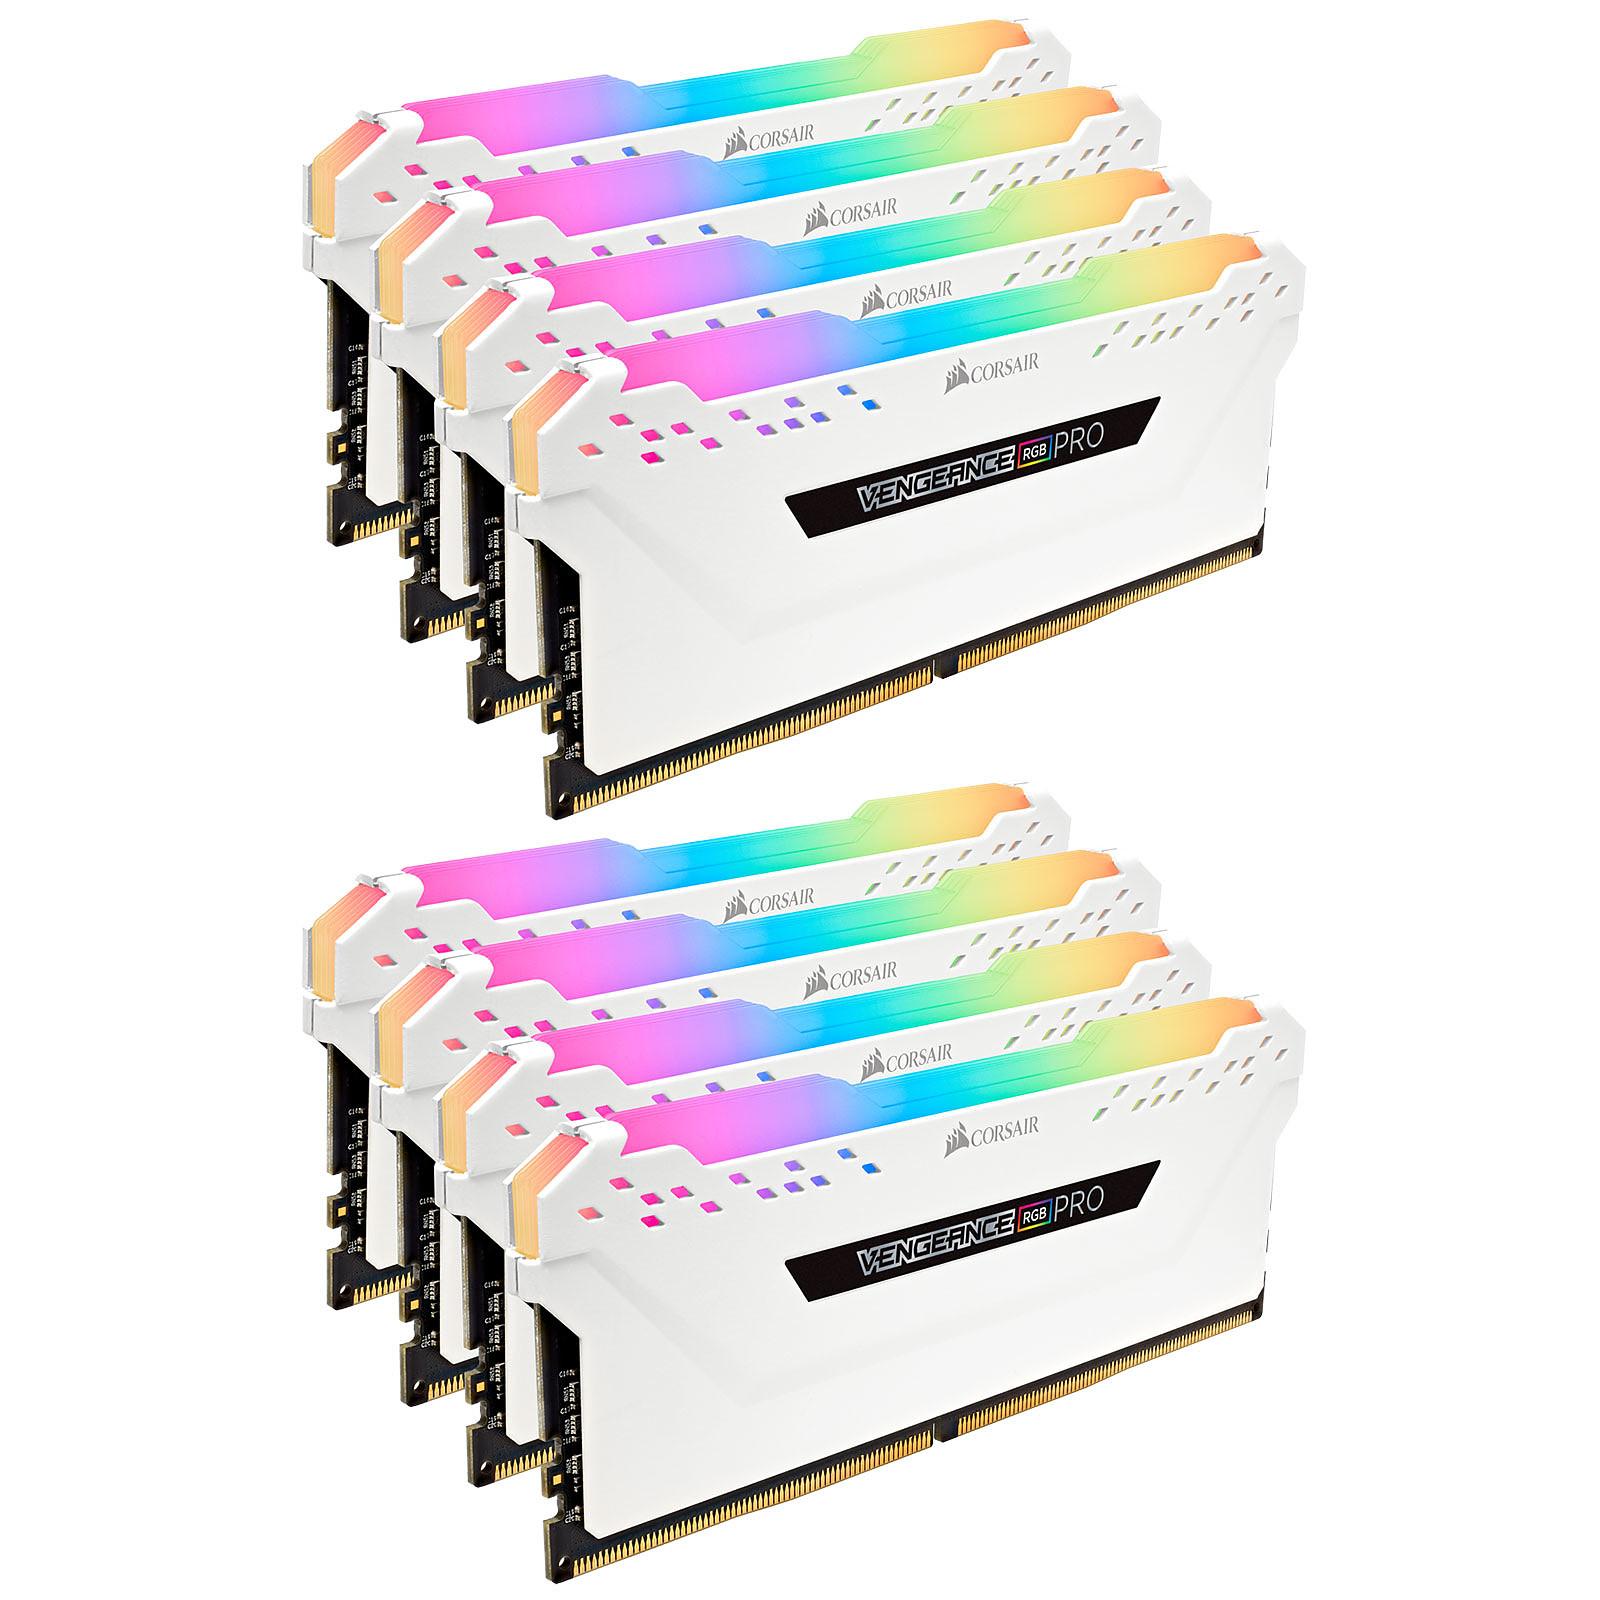 Corsair Vengeance RGB PRO Series 64 Go (8x 8 Go) DDR4 3000 MHz CL15